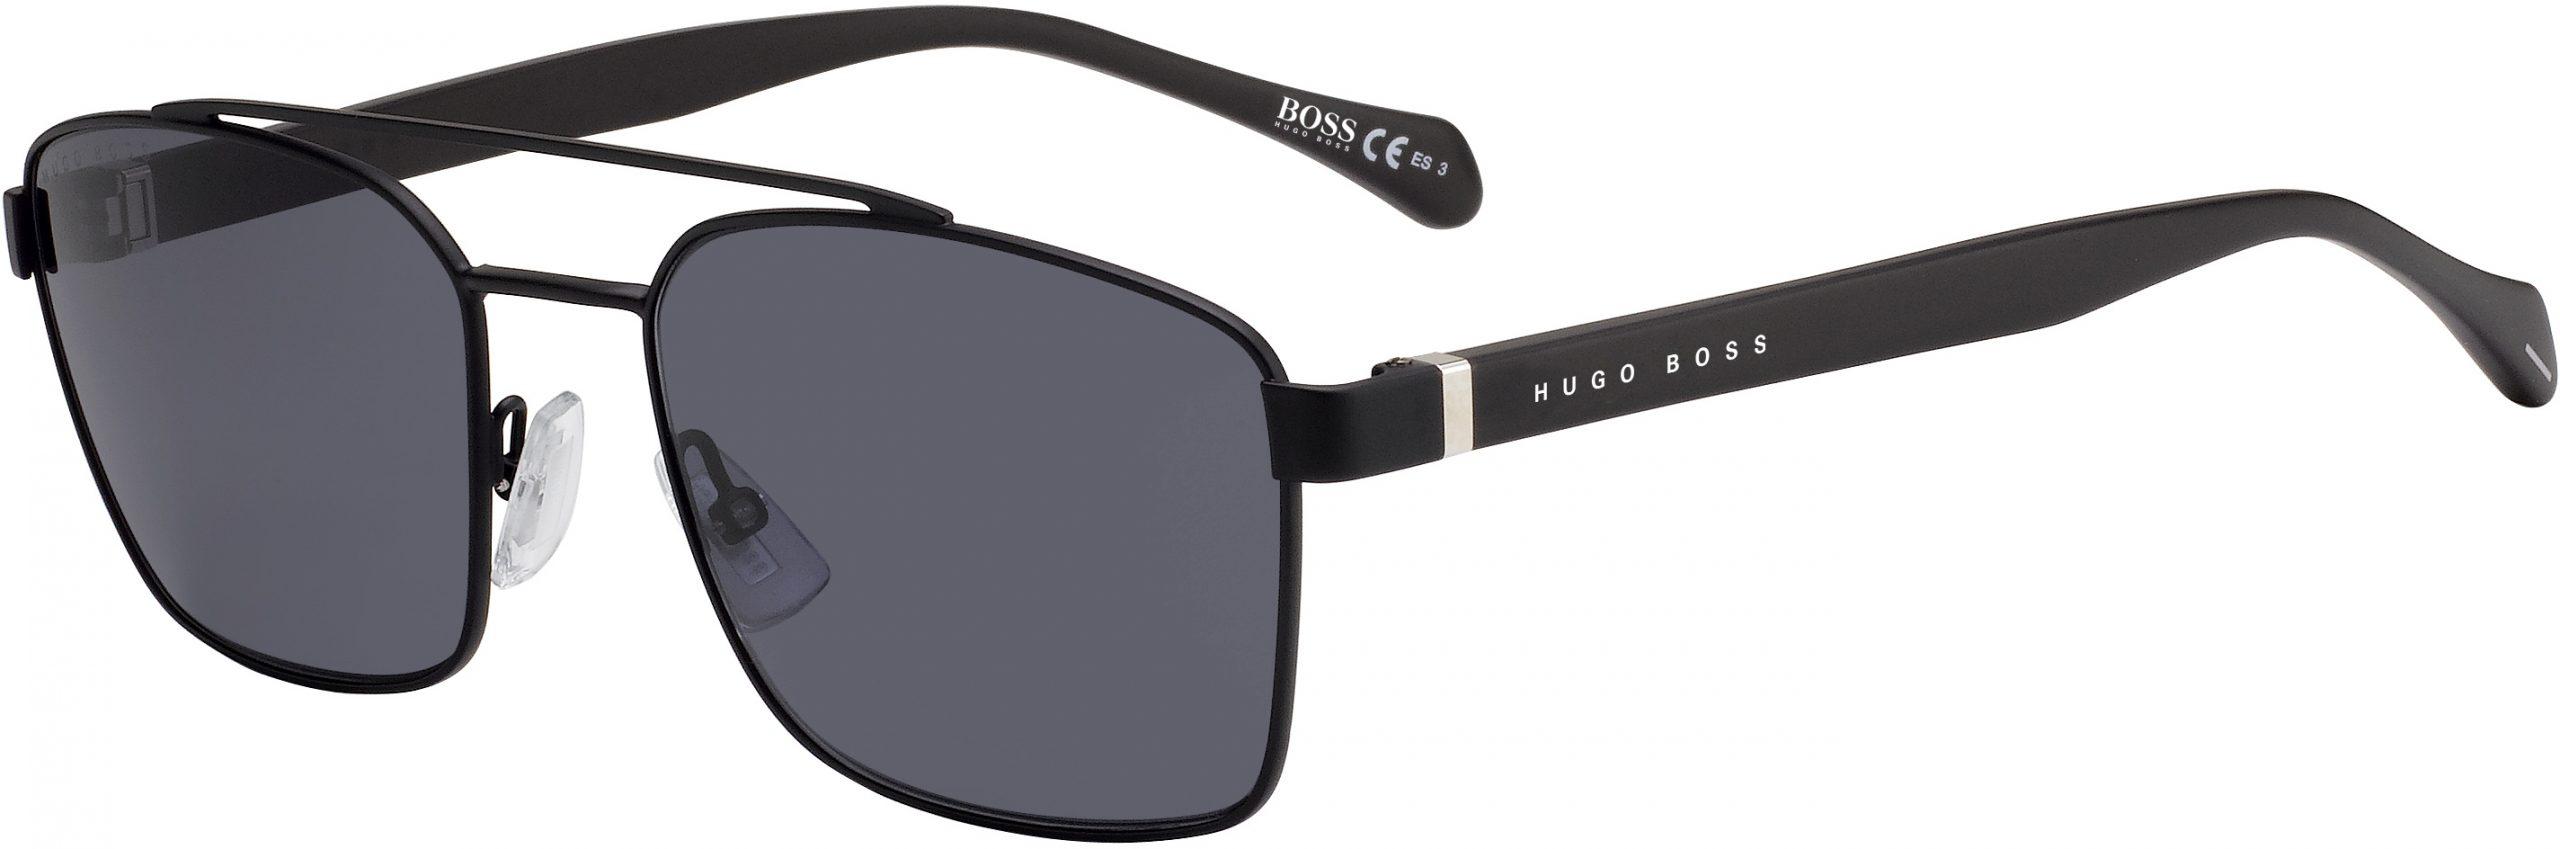 Hugo Boss 1117/S 202782-003/IR-57 | 716736223155